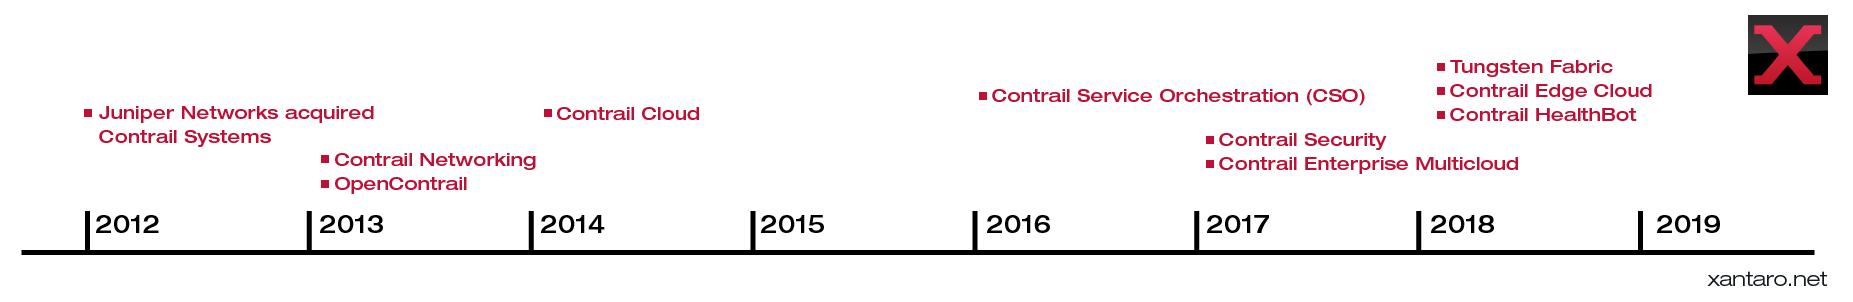 Juniper Networks Contrail History | Xantaro